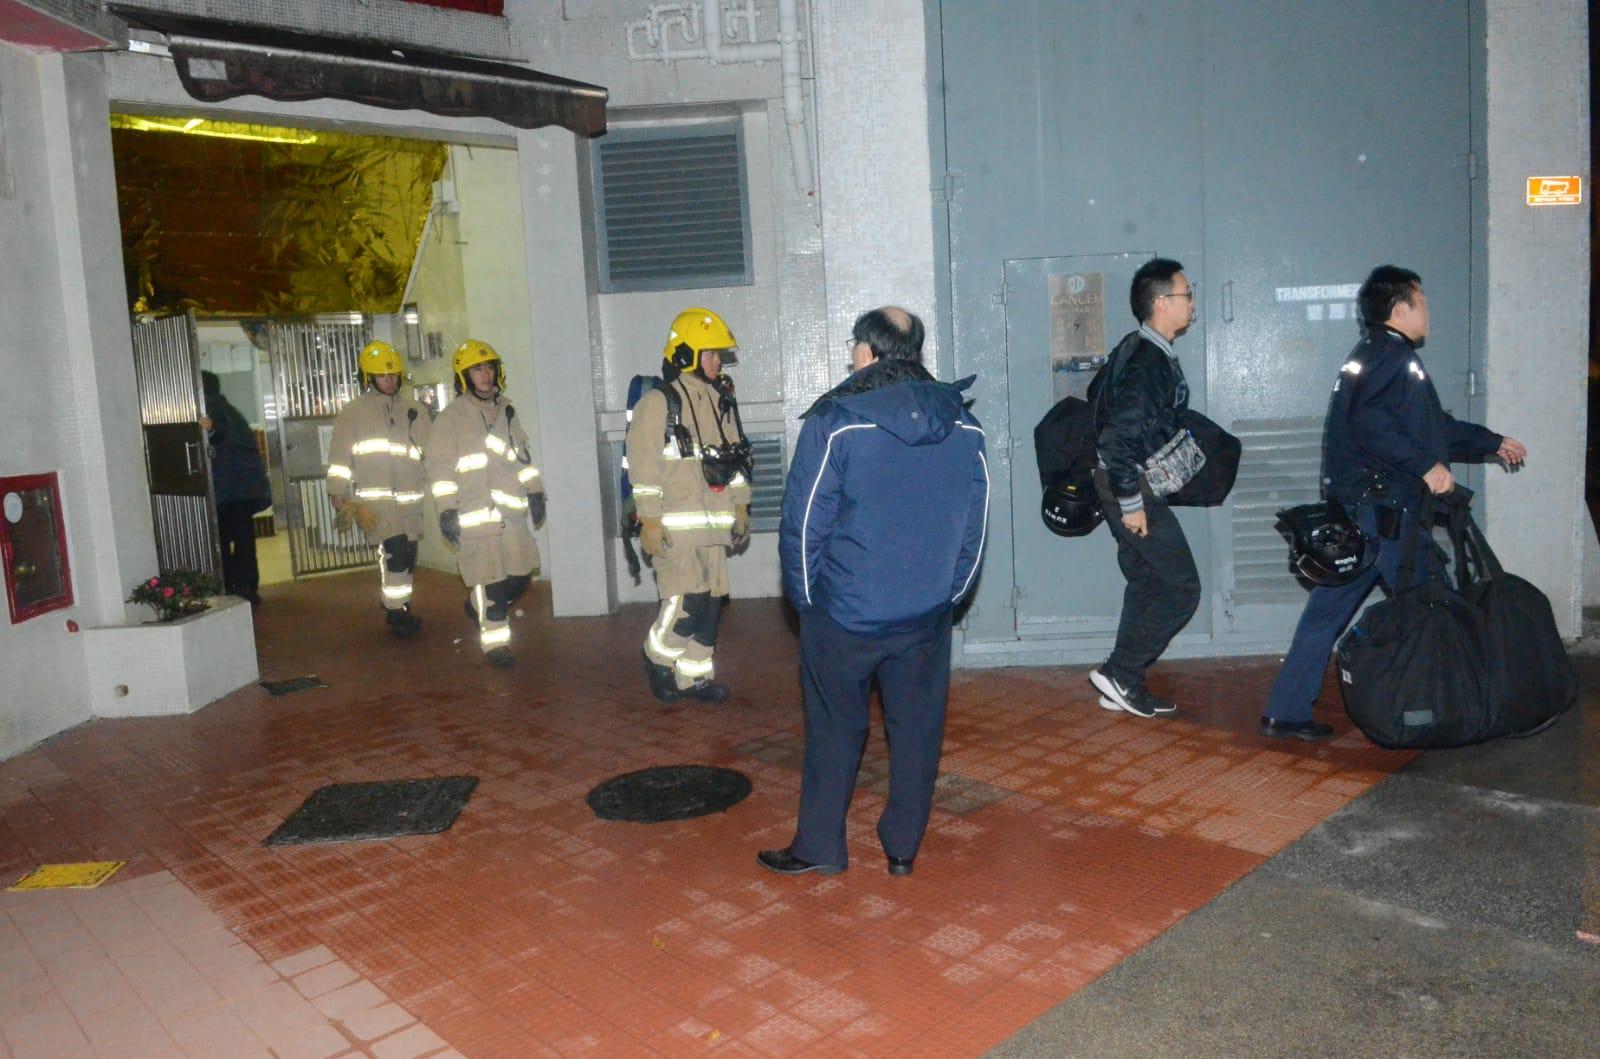 鐵甲威龍趁消防破門時持盾牌衝入制服男子。